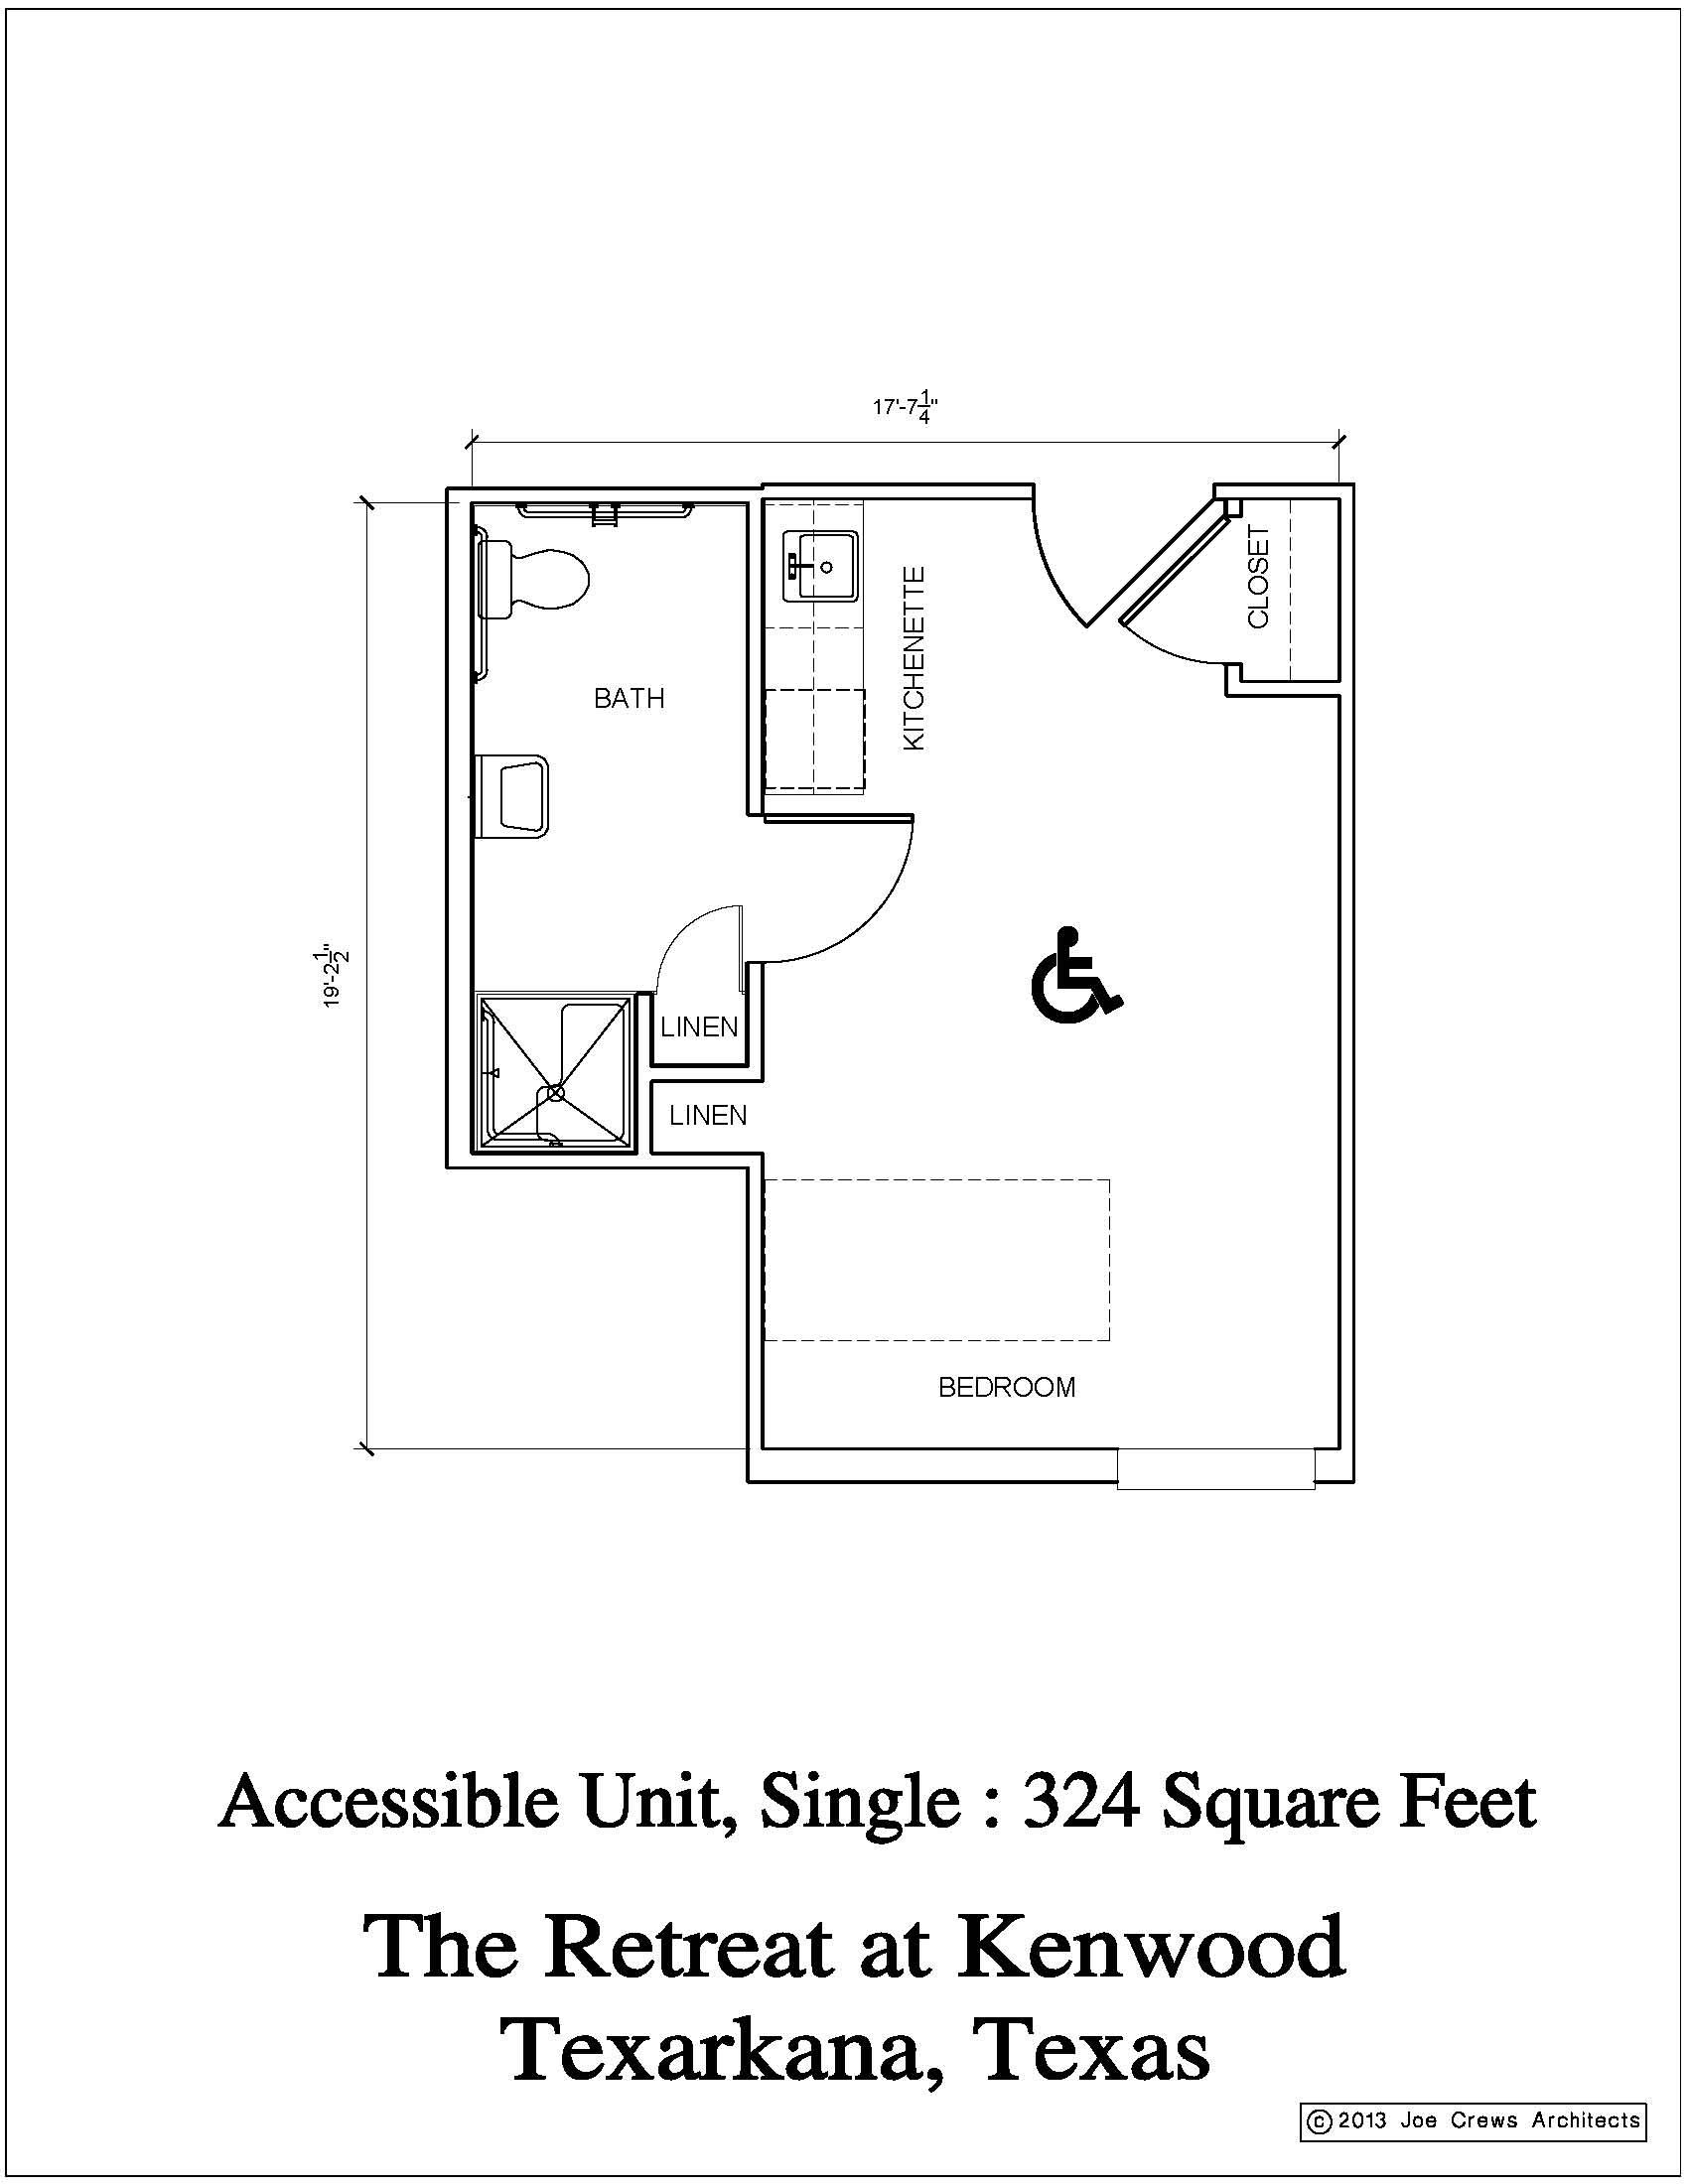 floor plans plan 5